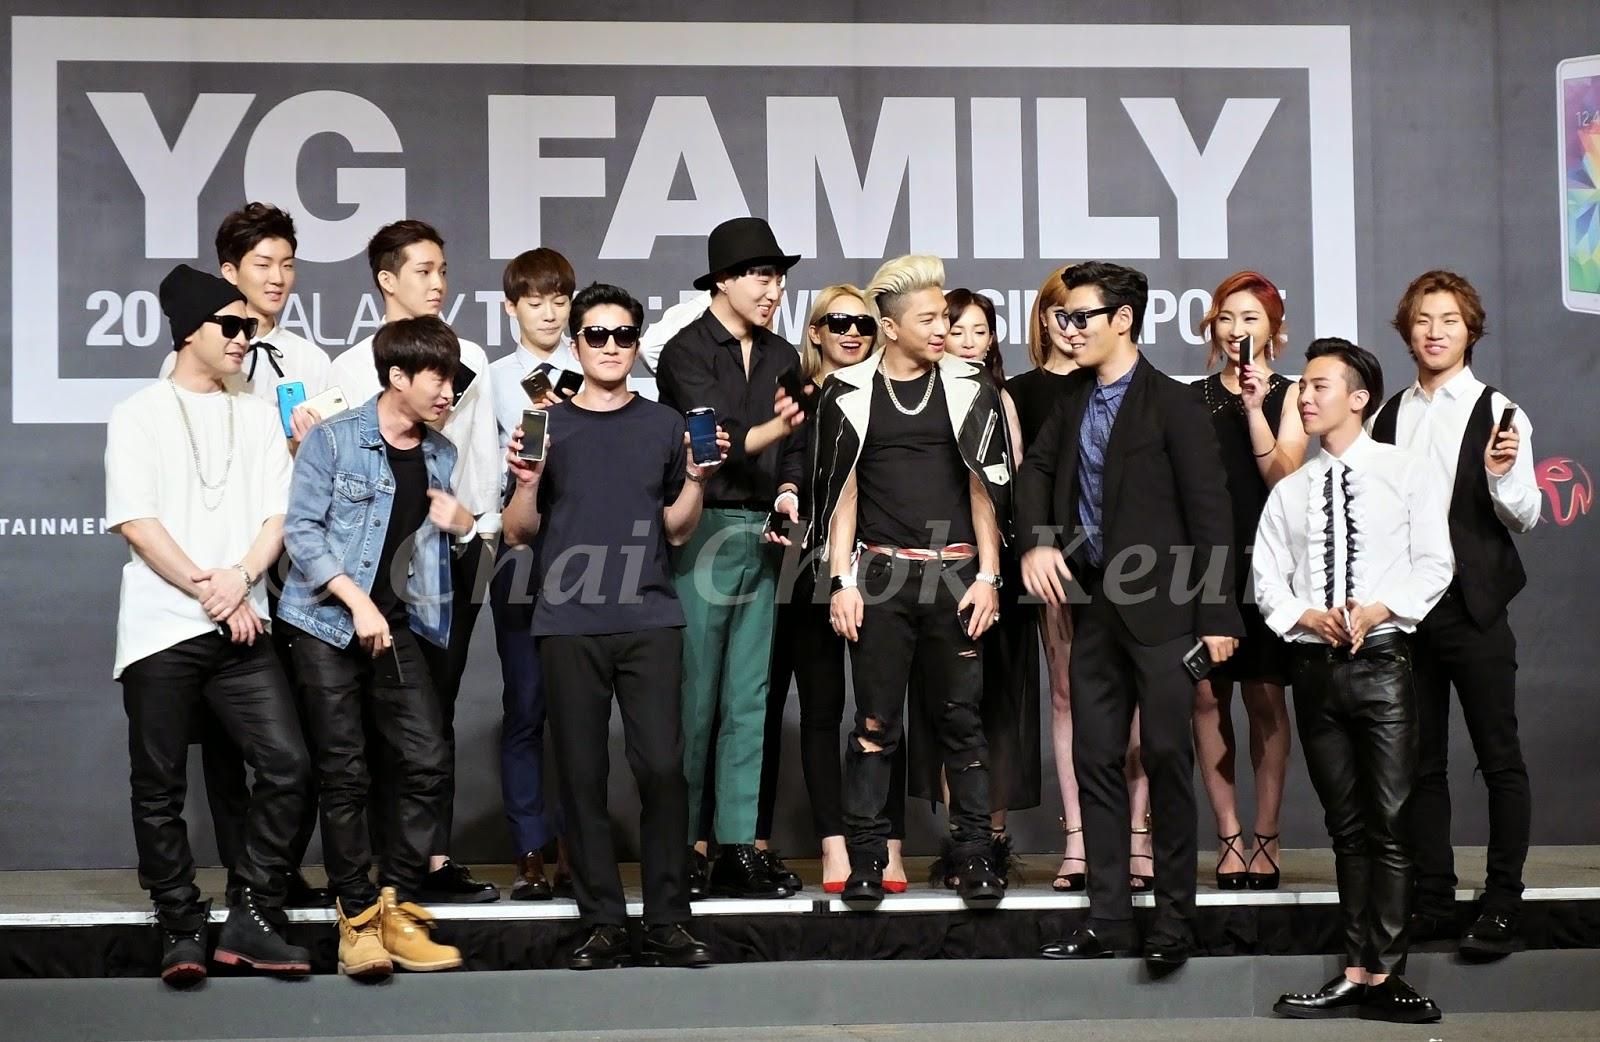 yg family beijing ending a relationship